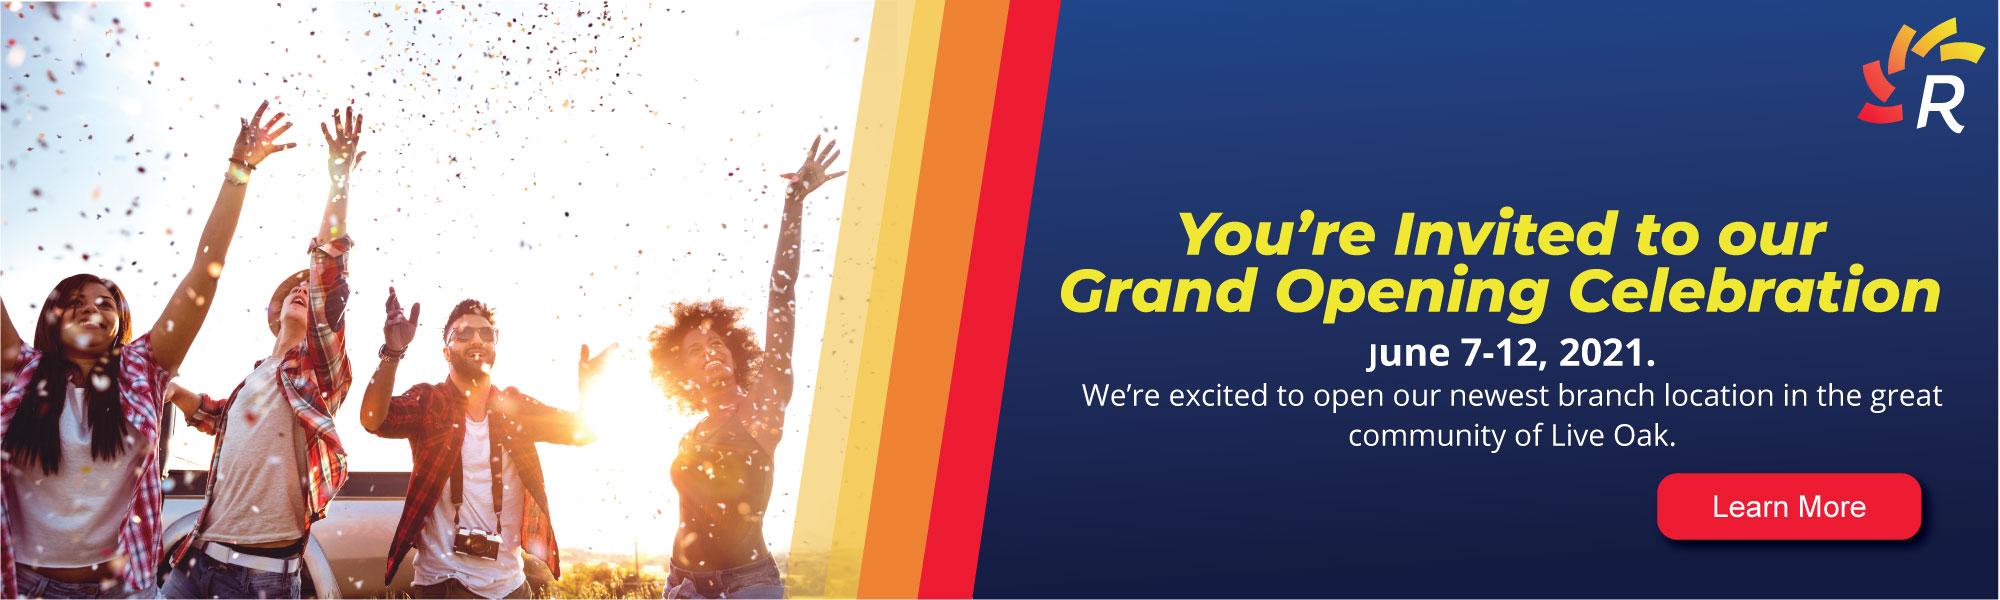 Live Oak Grand Opening